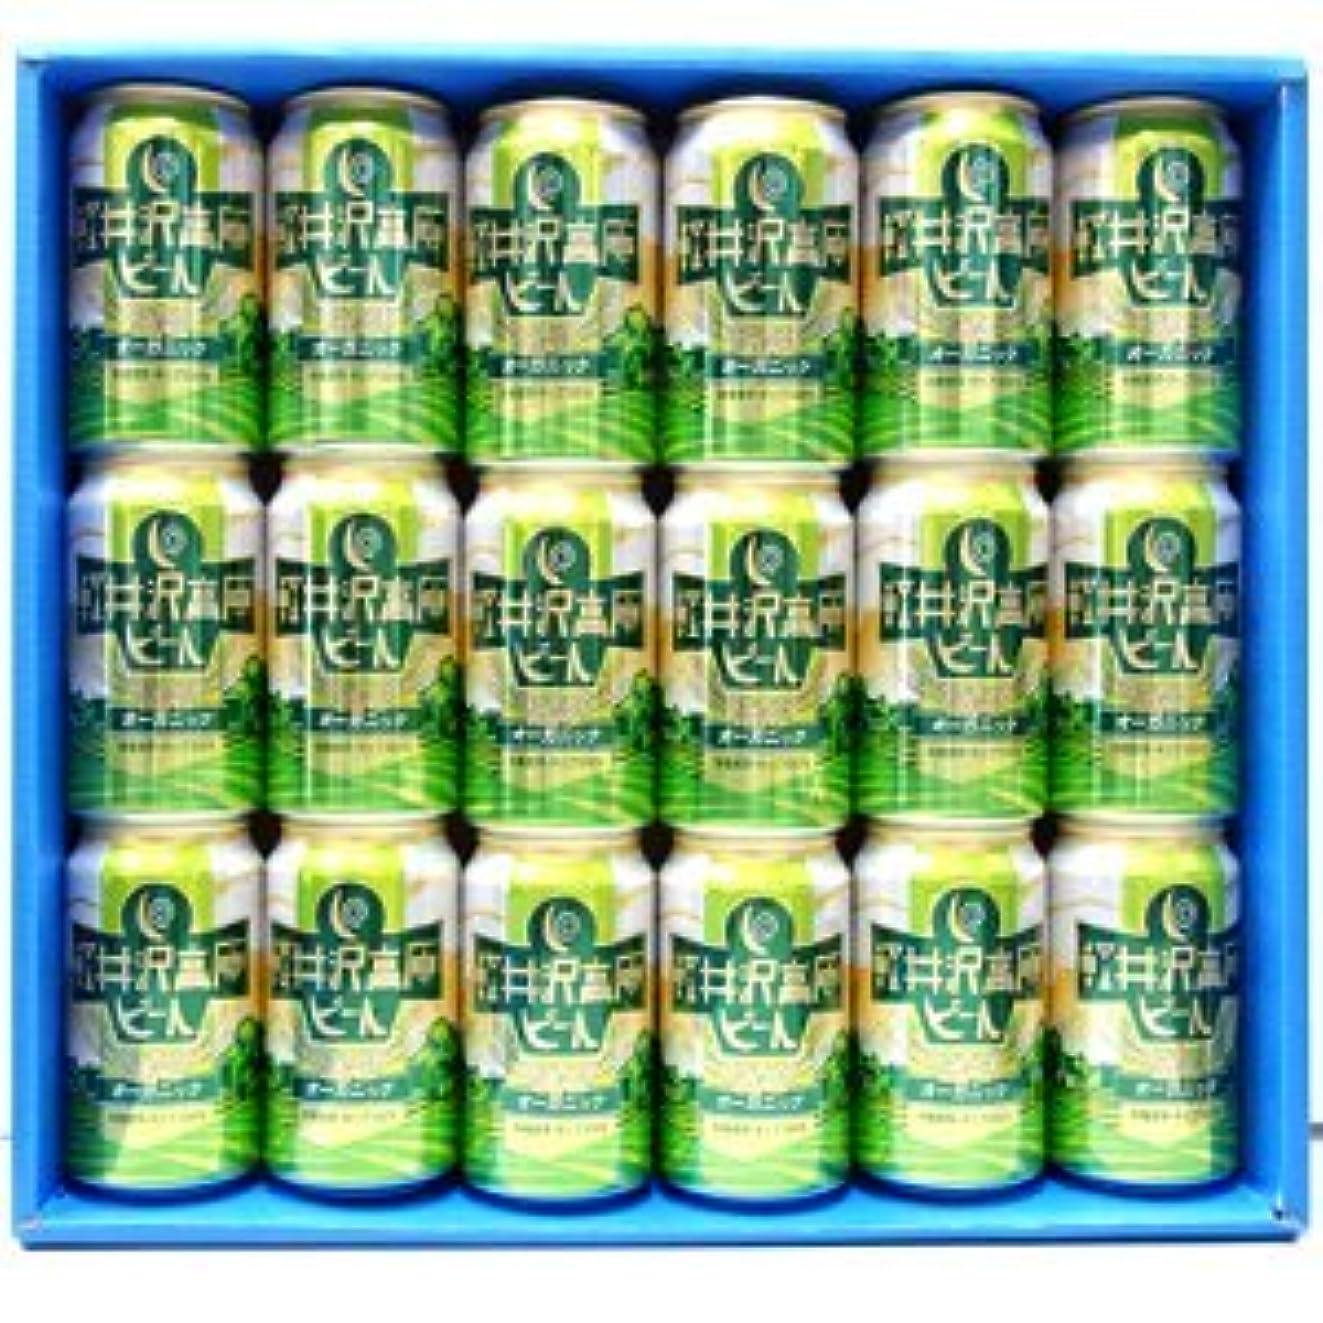 スノーケルログおもてなし軽井沢高原ビール オーガニック 350mlx18本セット